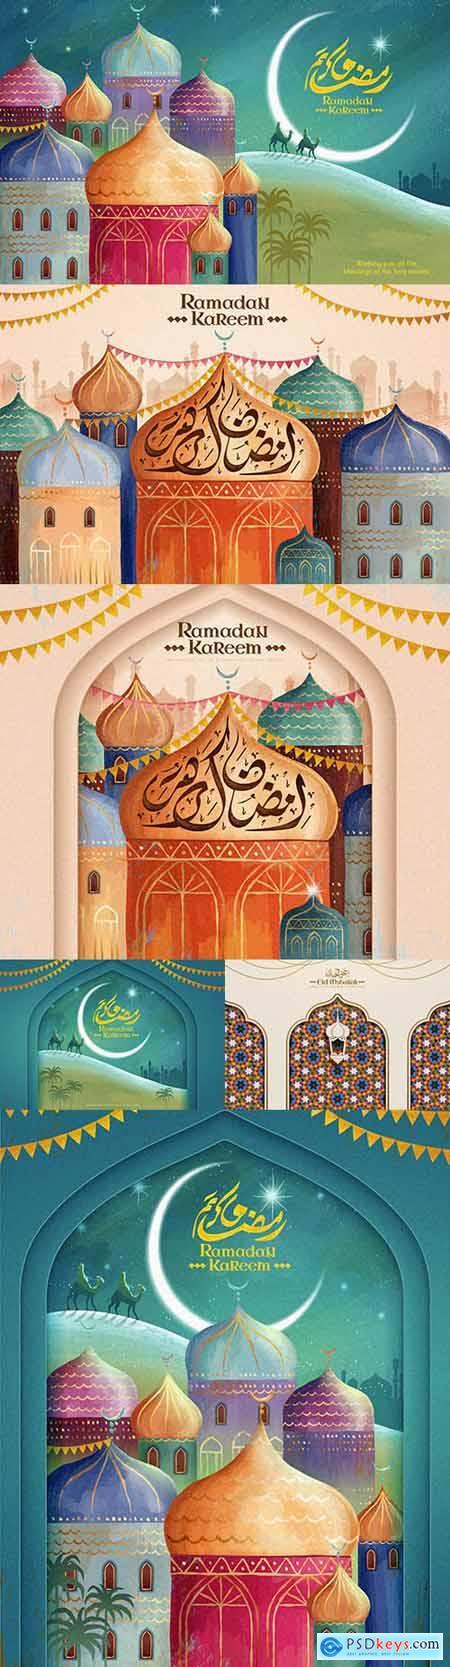 Calligraphy Yeid Mubarak and Ramadan Karim happy holiday